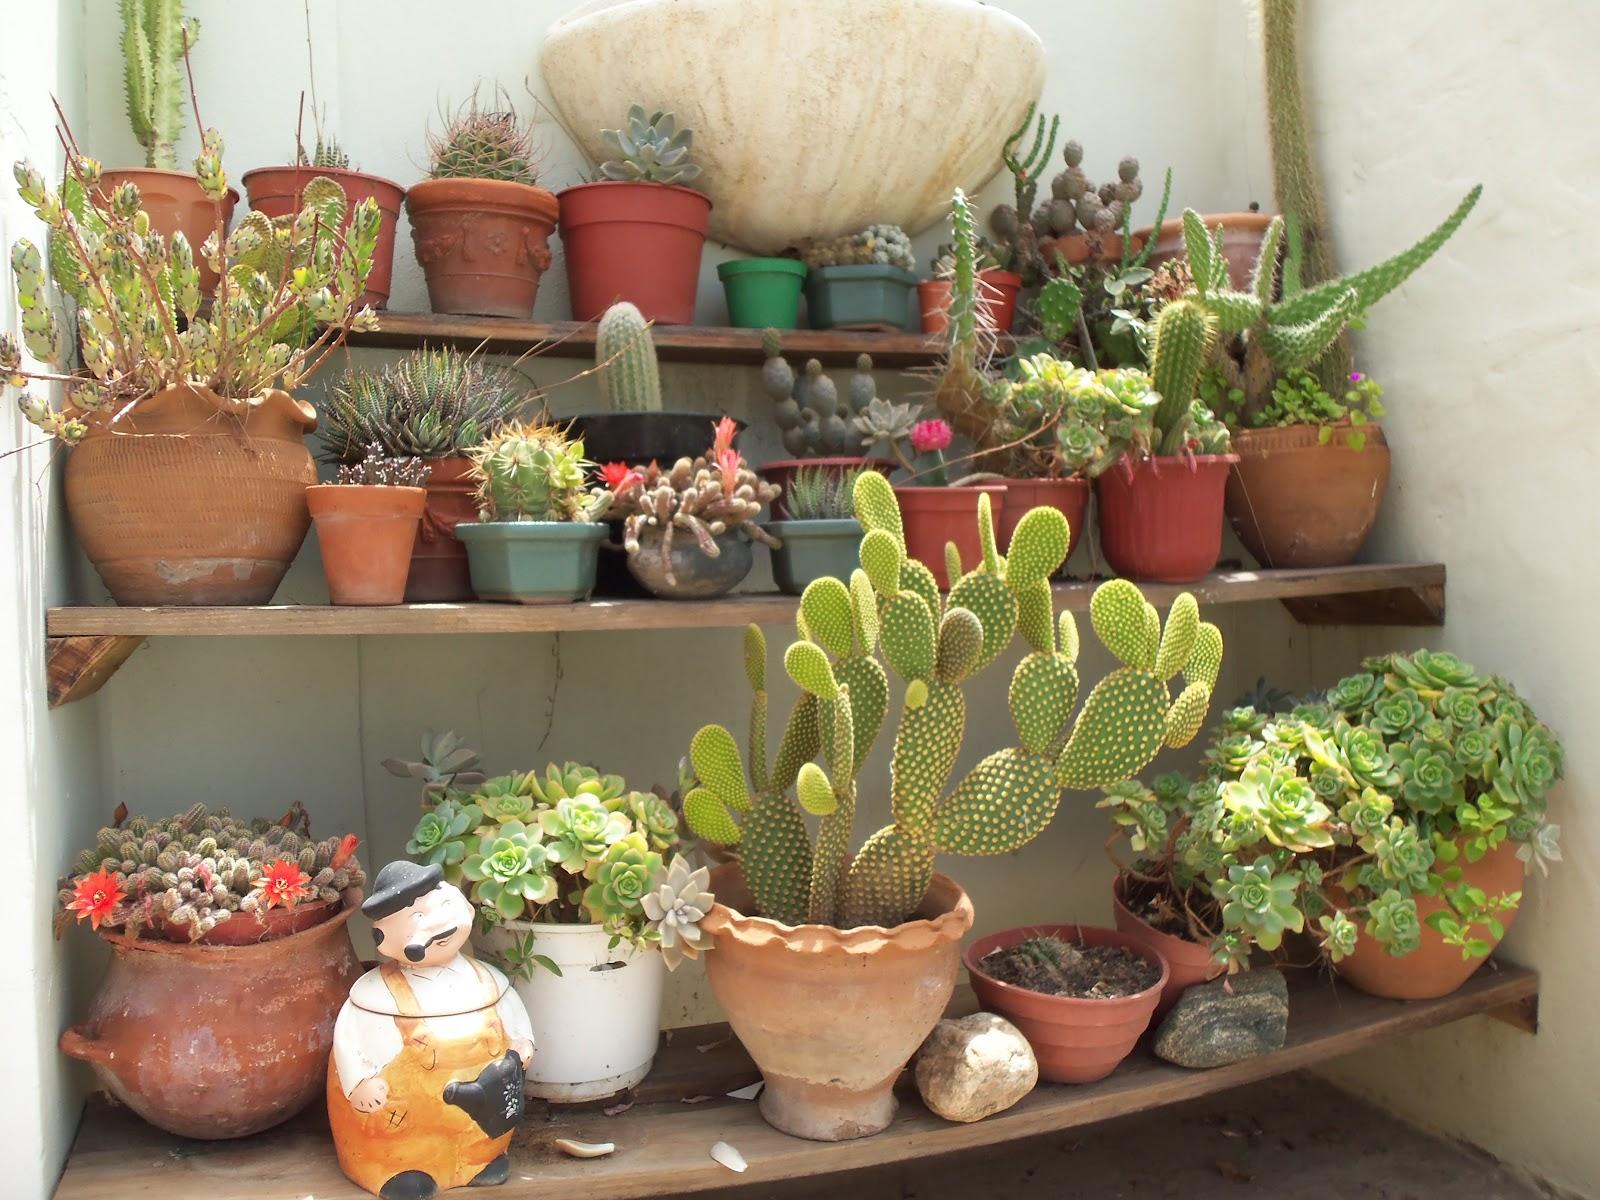 Mi jard n feliz cactus y suculentas for Cactus y suculentas